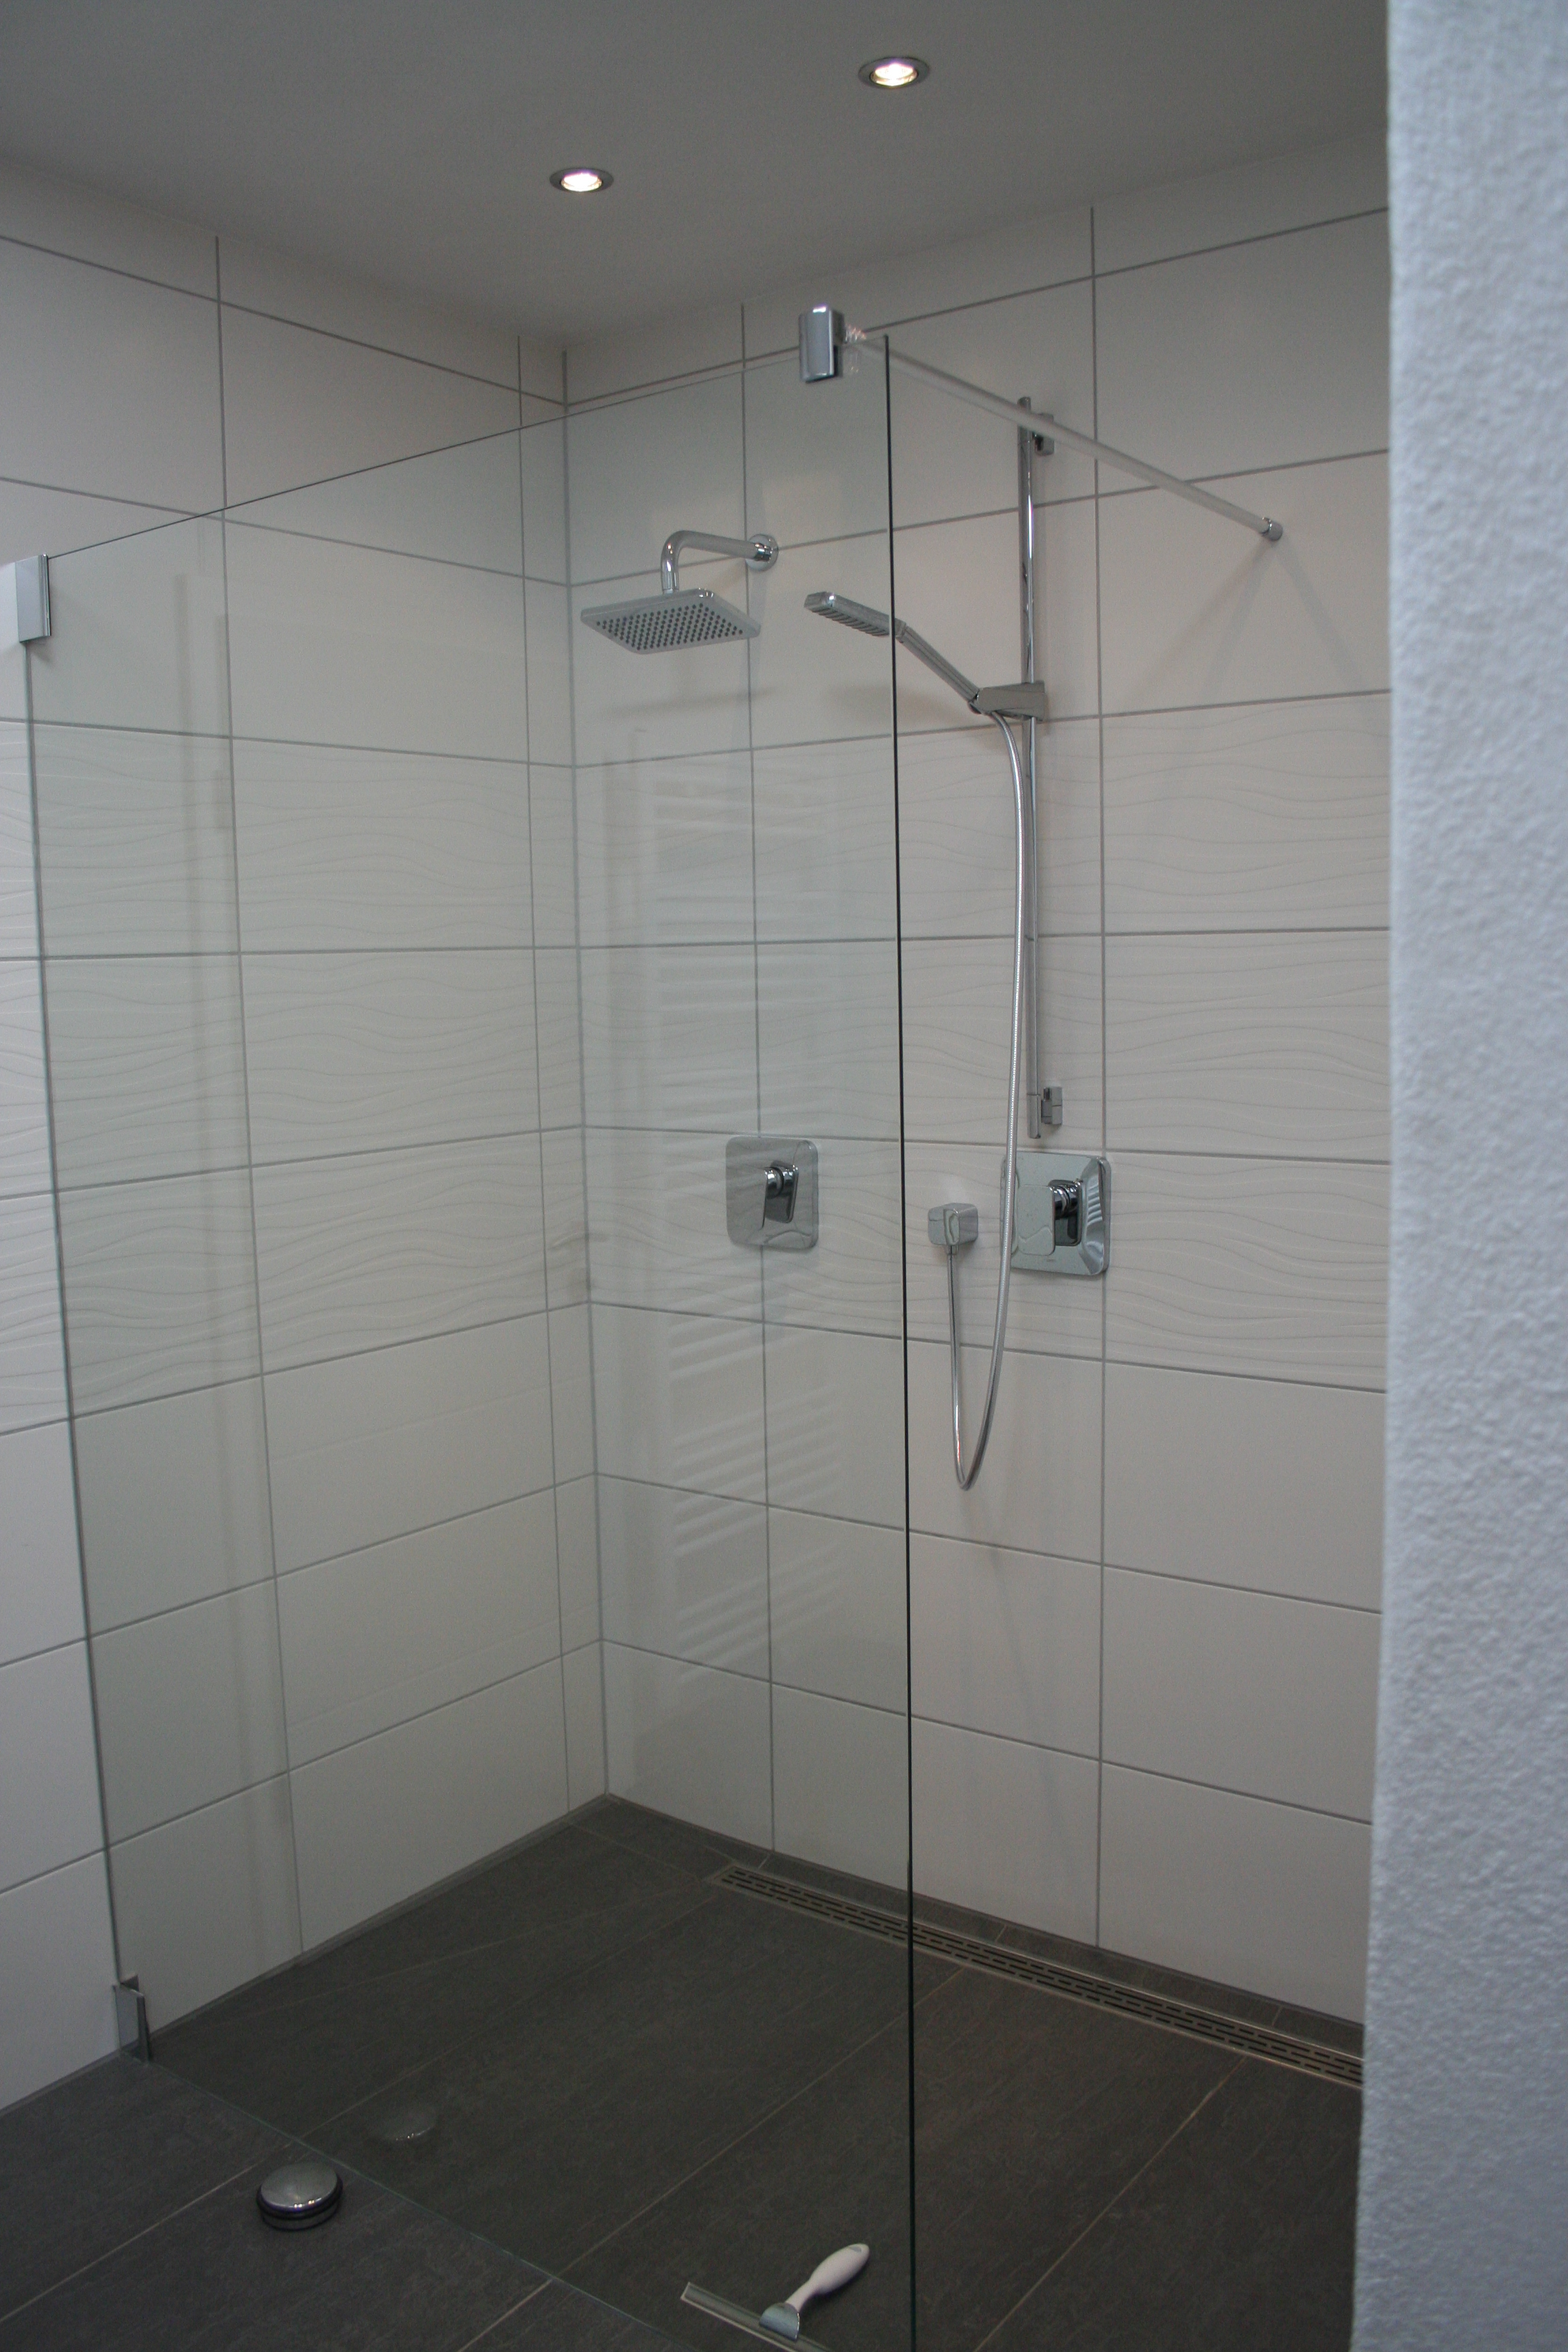 referenzen c ammon kompetenz in wasser w rme sulzbach. Black Bedroom Furniture Sets. Home Design Ideas